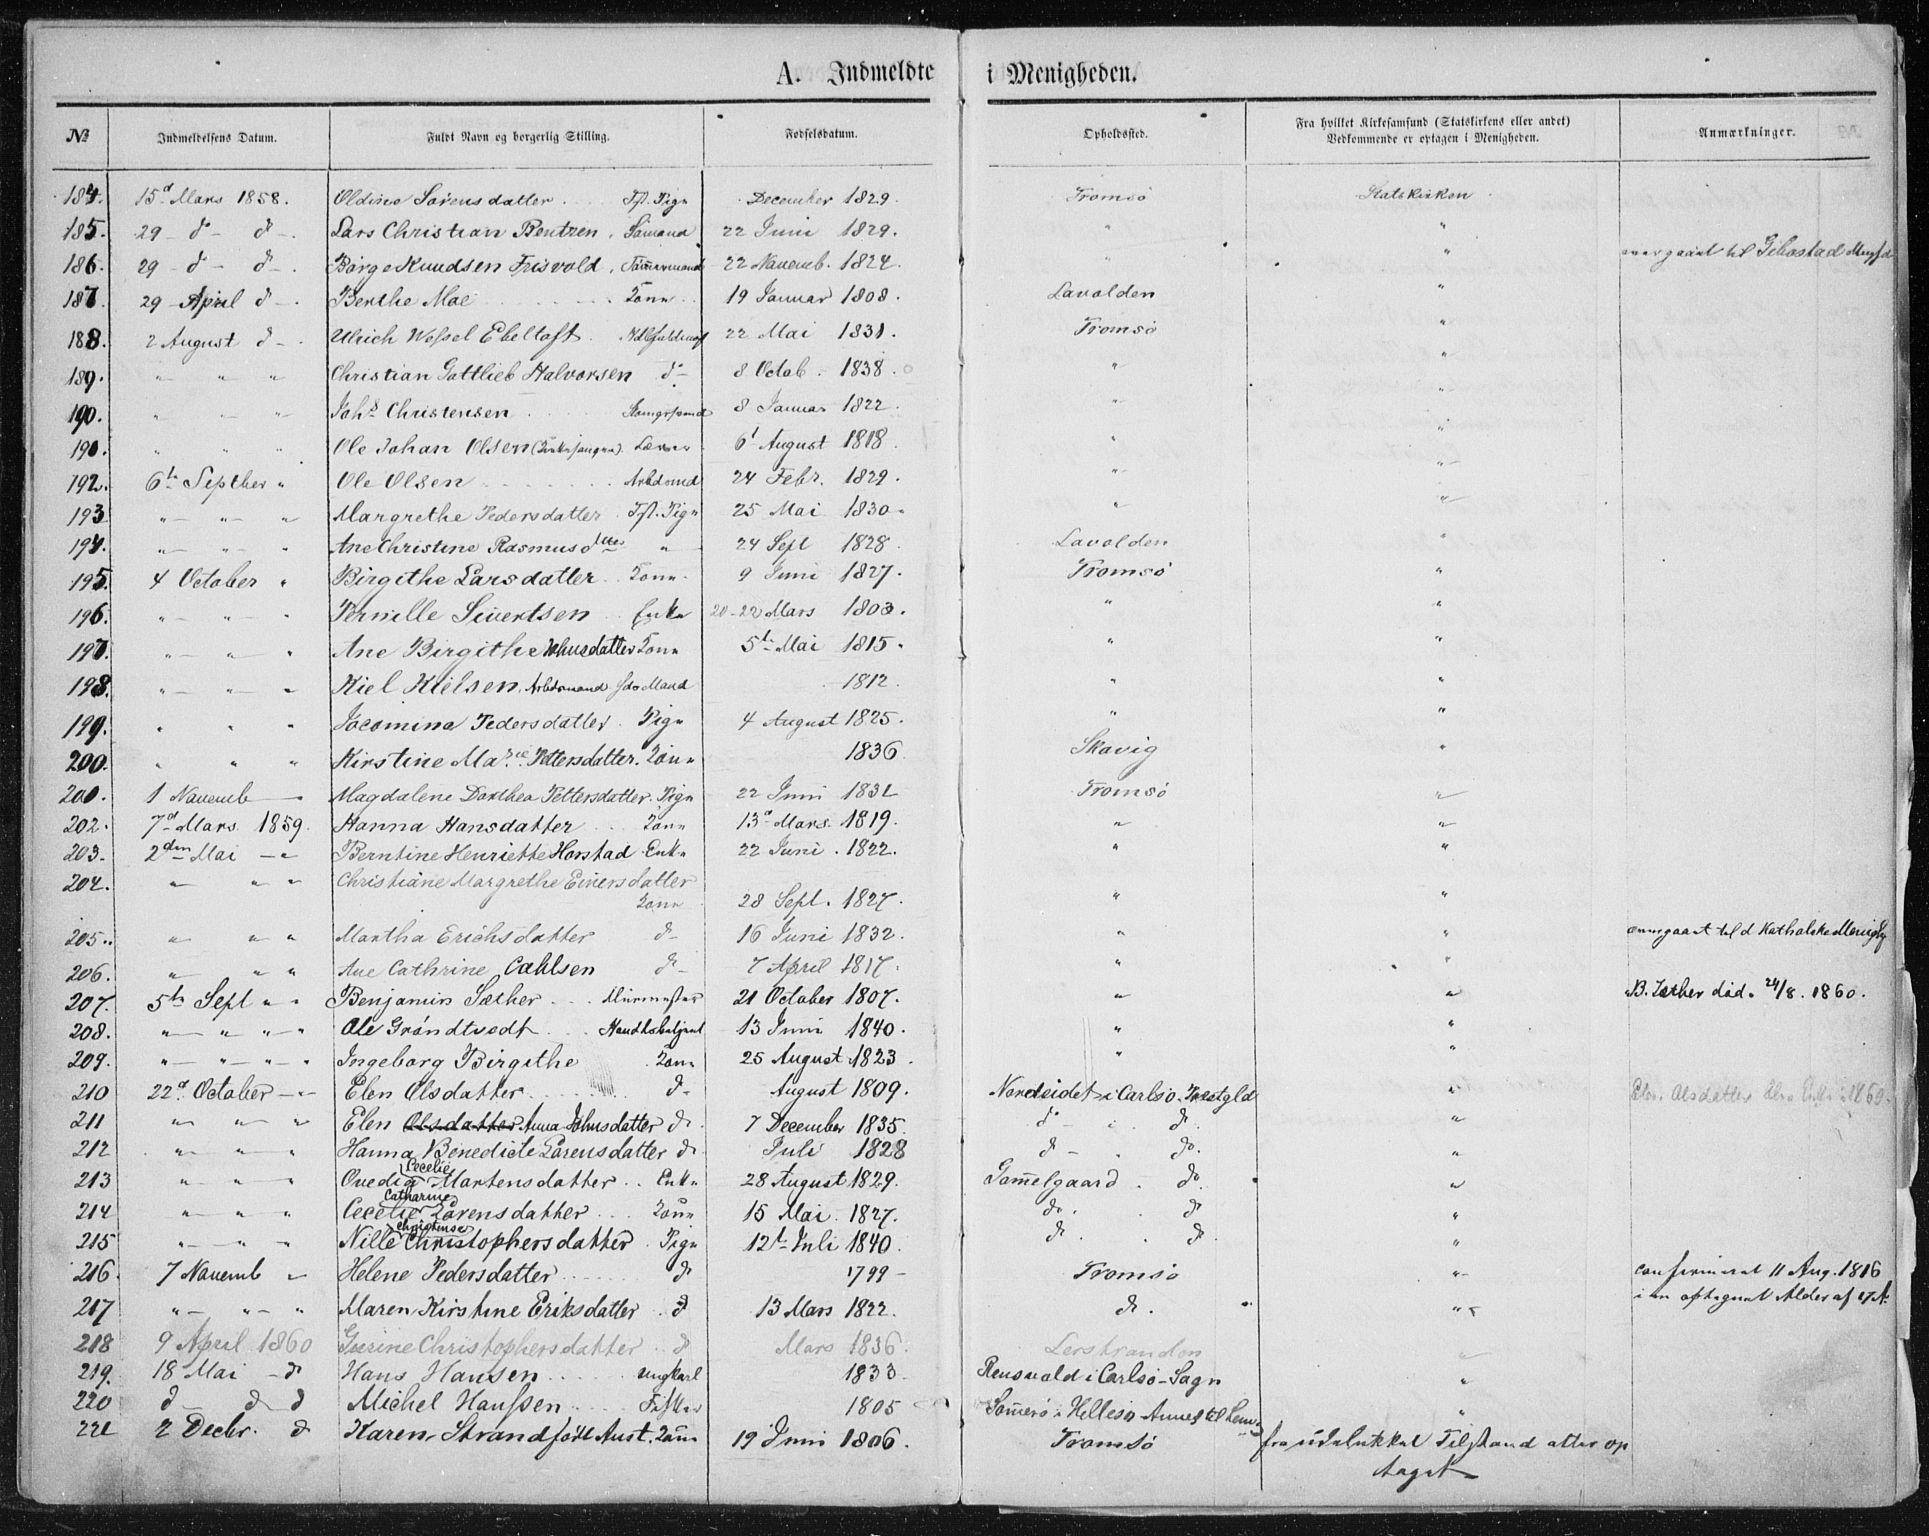 SATØ, Uten arkivreferanse, Dissenterprotokoll nr. DP 1, 1856-1892